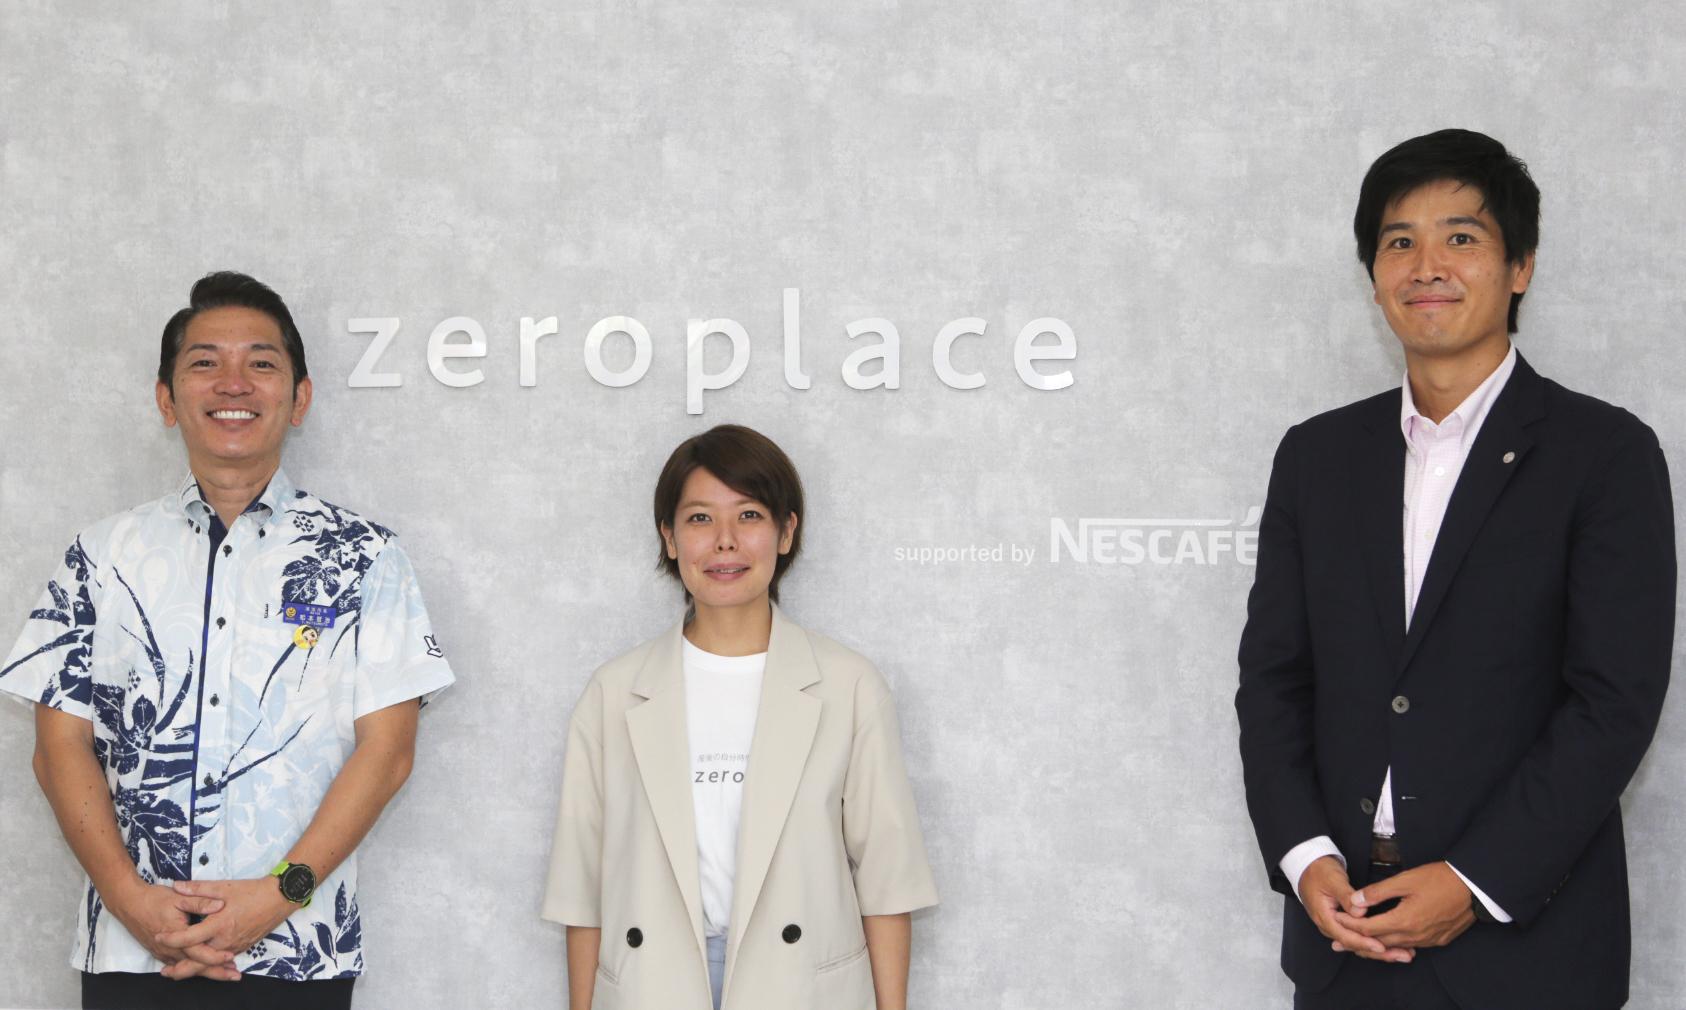 左から松本哲治浦添市長、島袋綾香zeroplace代表社員、高岡二郎部長